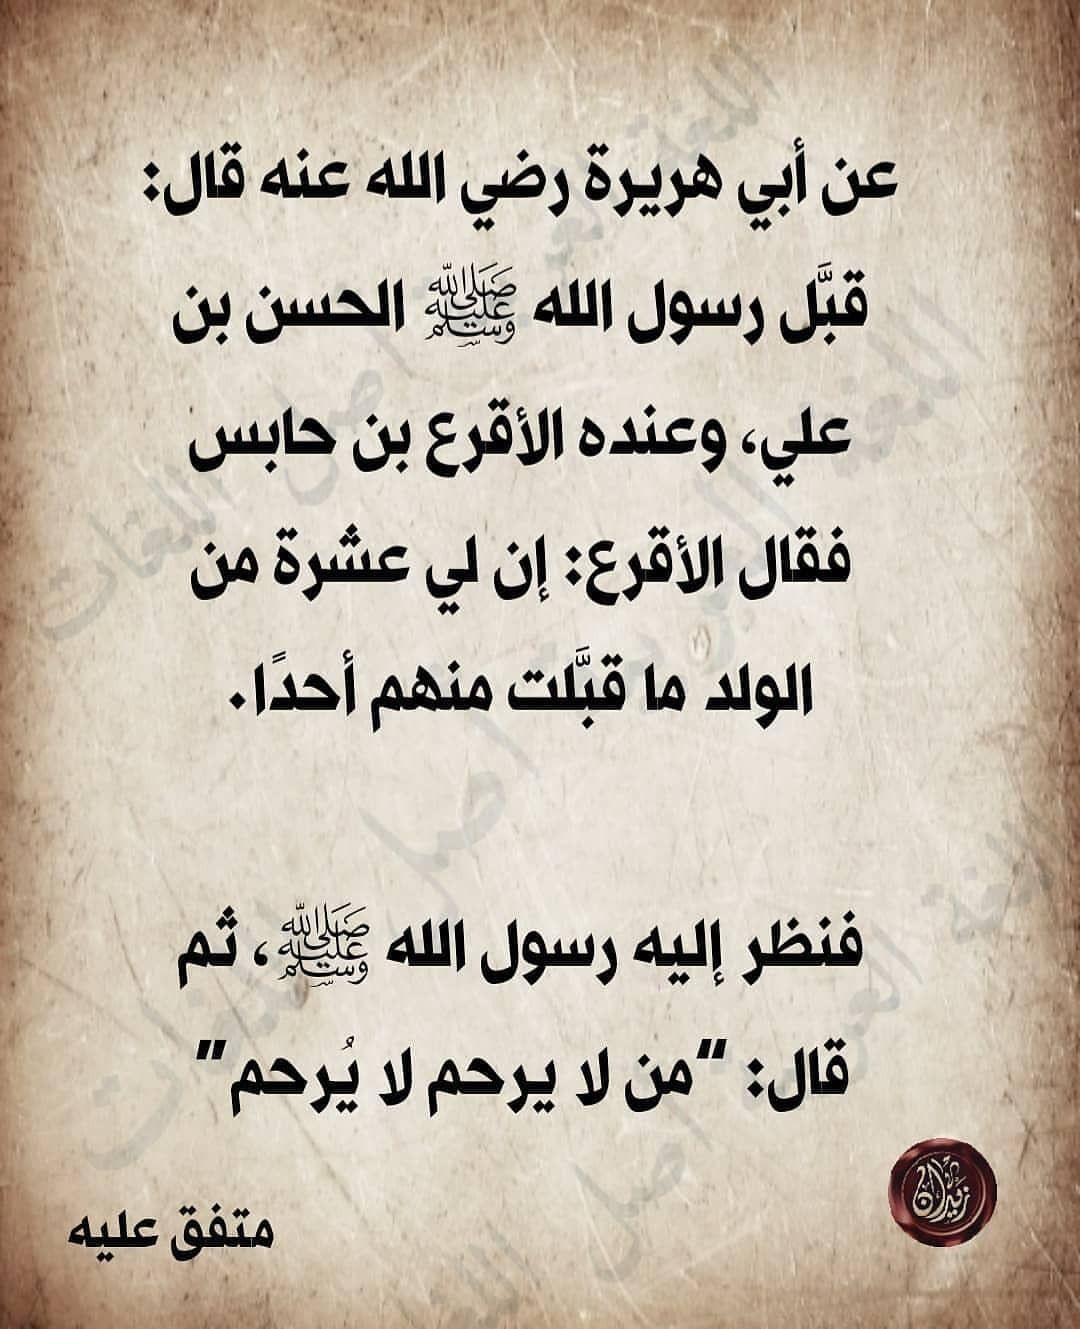 صفحة المسلم لنشر العلم النافع Calligraphy Arabic Calligraphy Photo